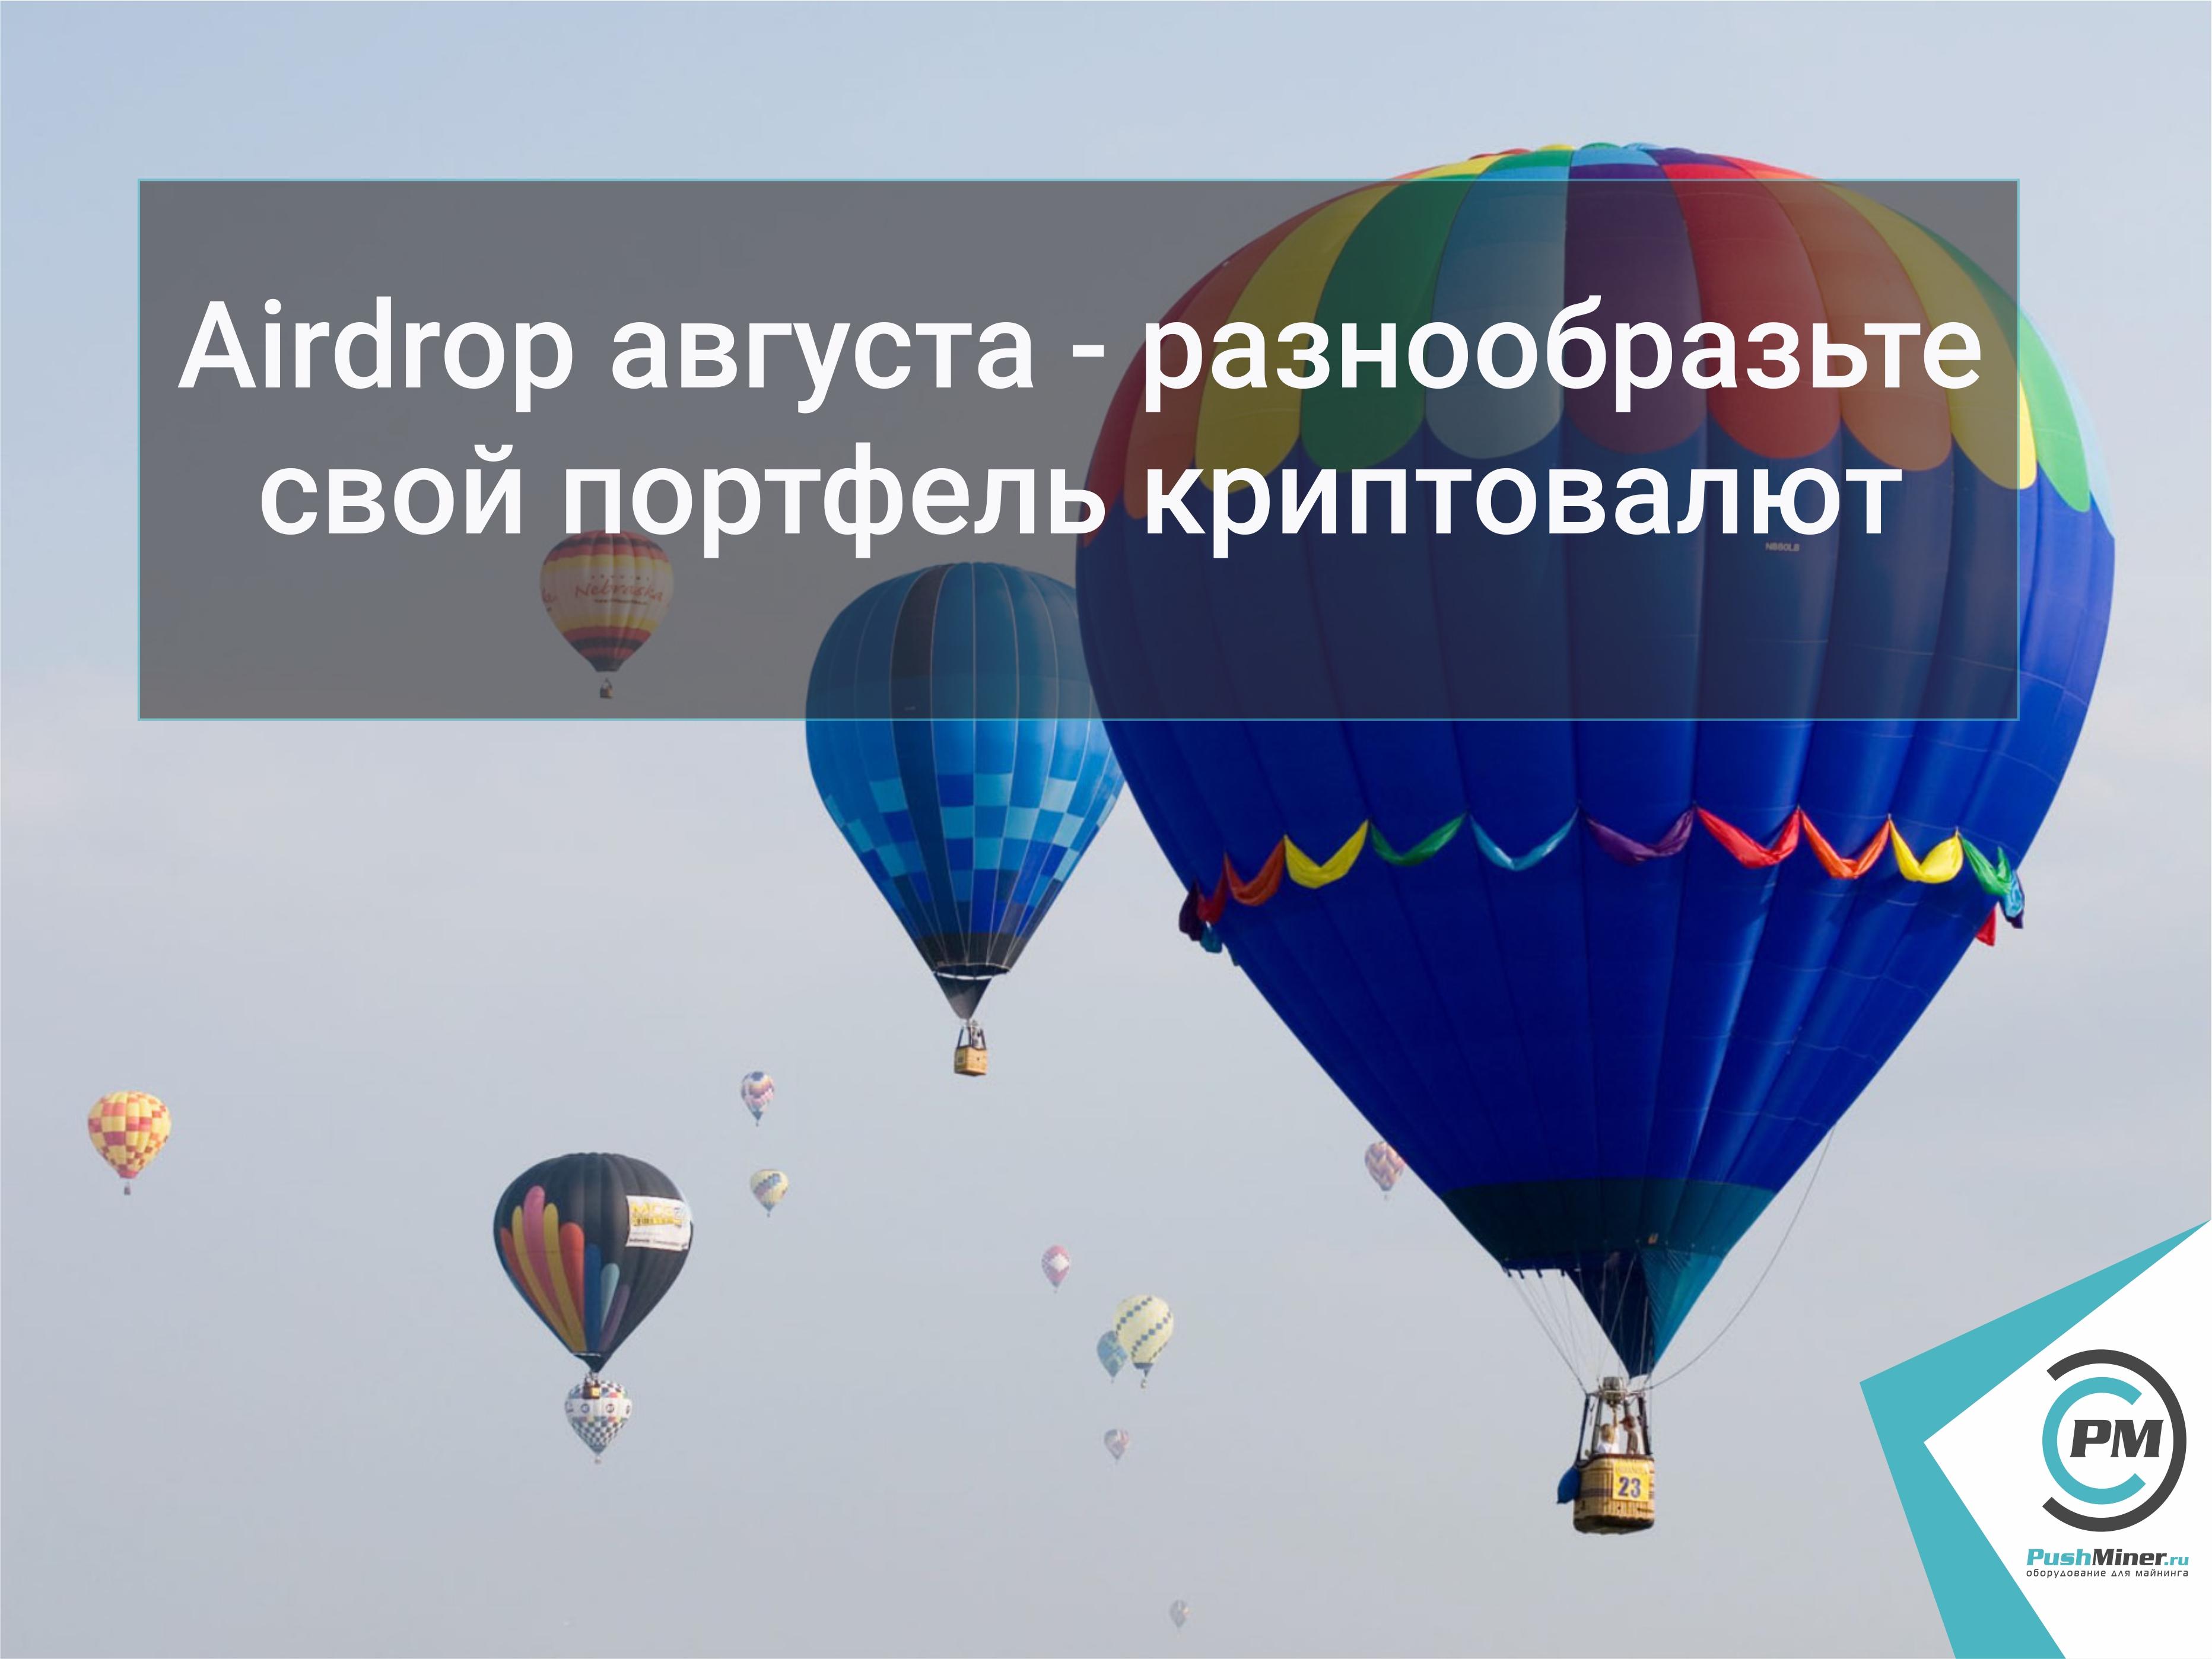 Airdrop августа - разнообразьте свой портфель криптовалют